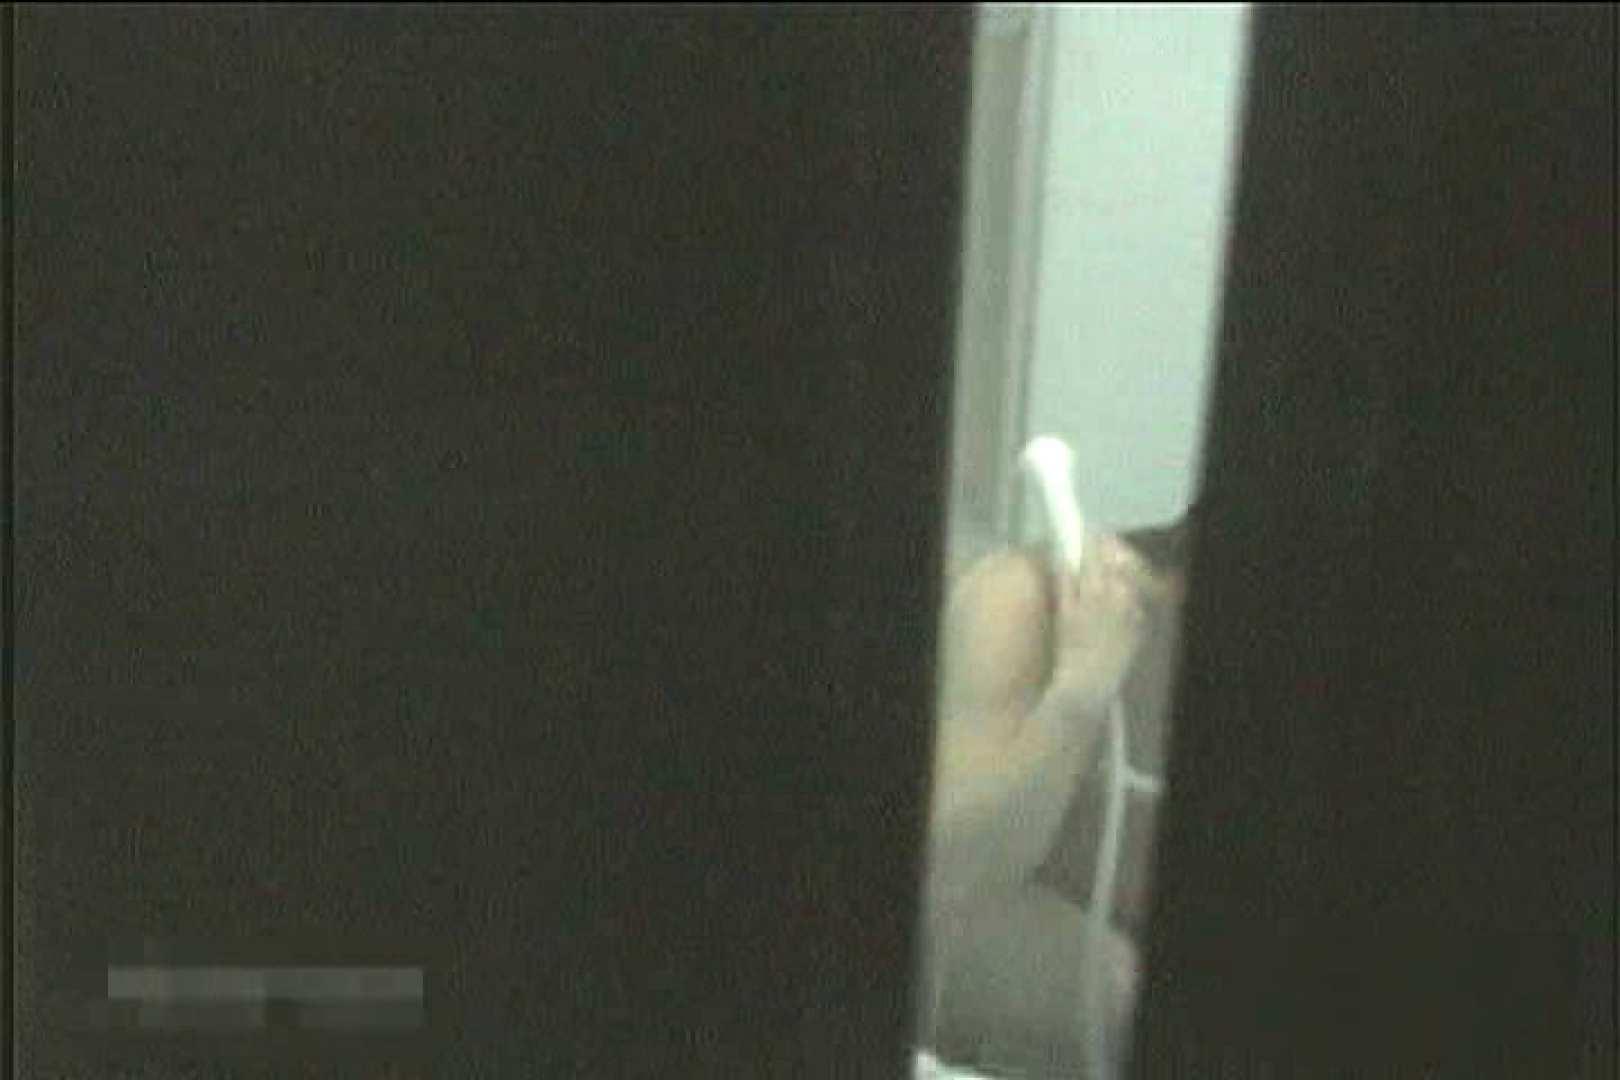 激撮ストーカー記録あなたのお宅拝見しますVol.7 エロいOL オメコ無修正動画無料 101枚